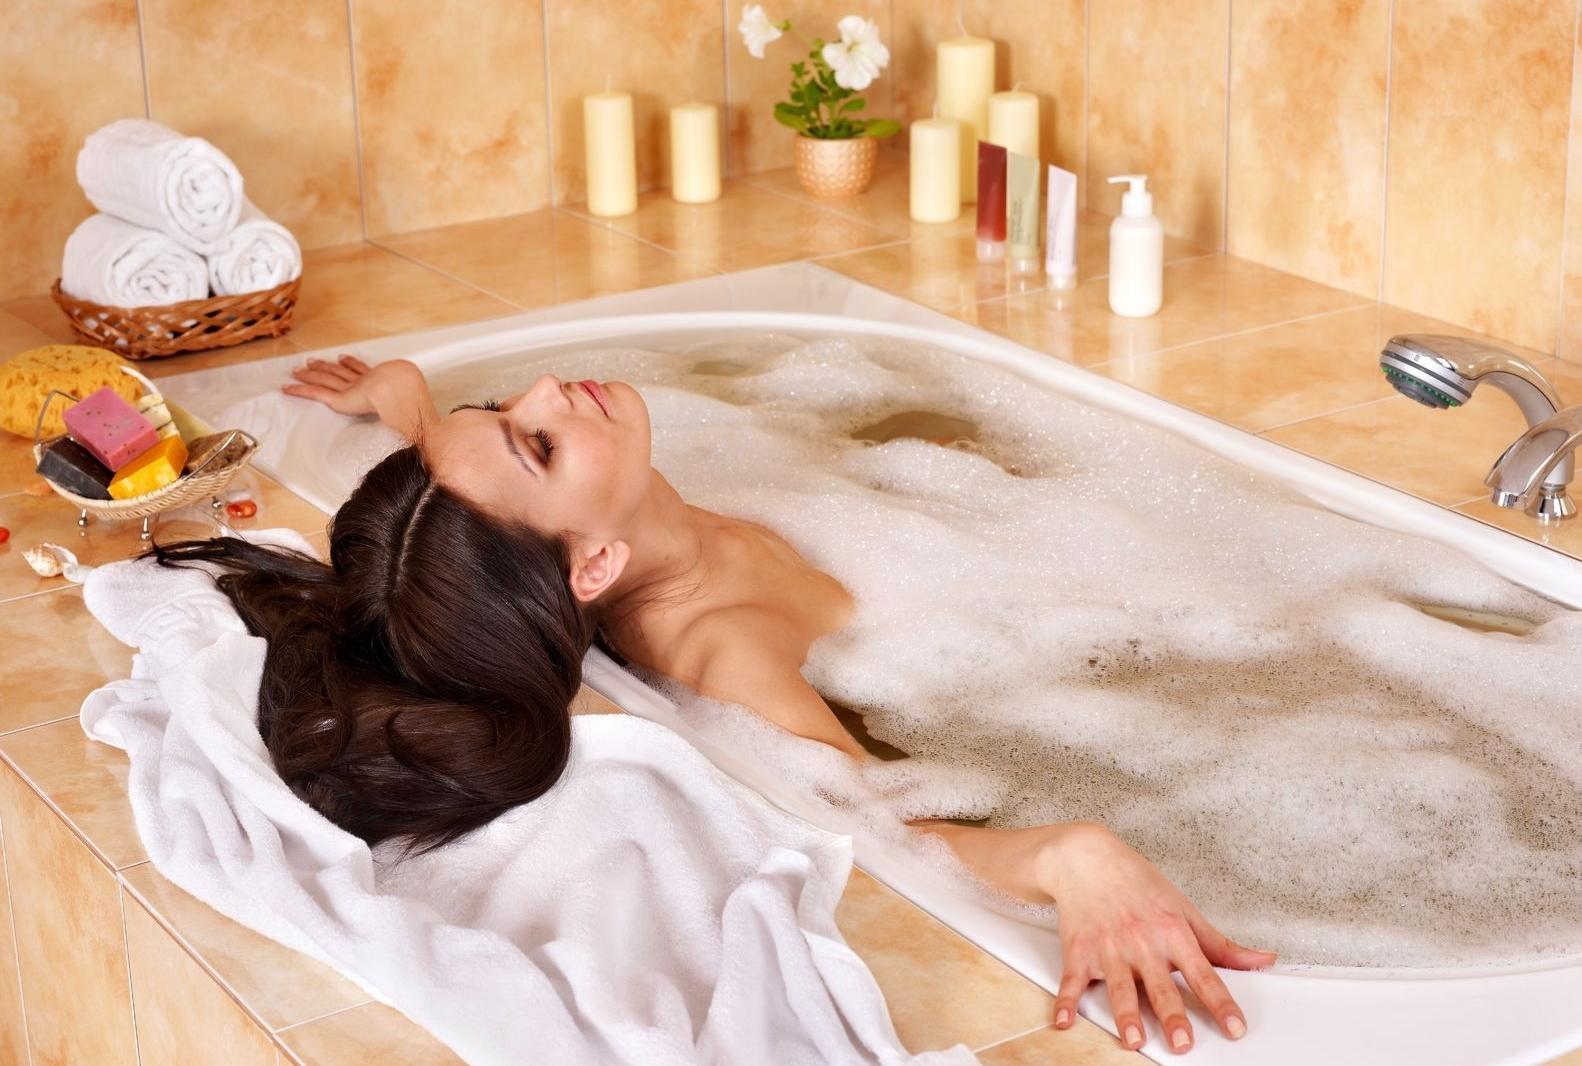 начинает картинка женщина принимает ванную что очень